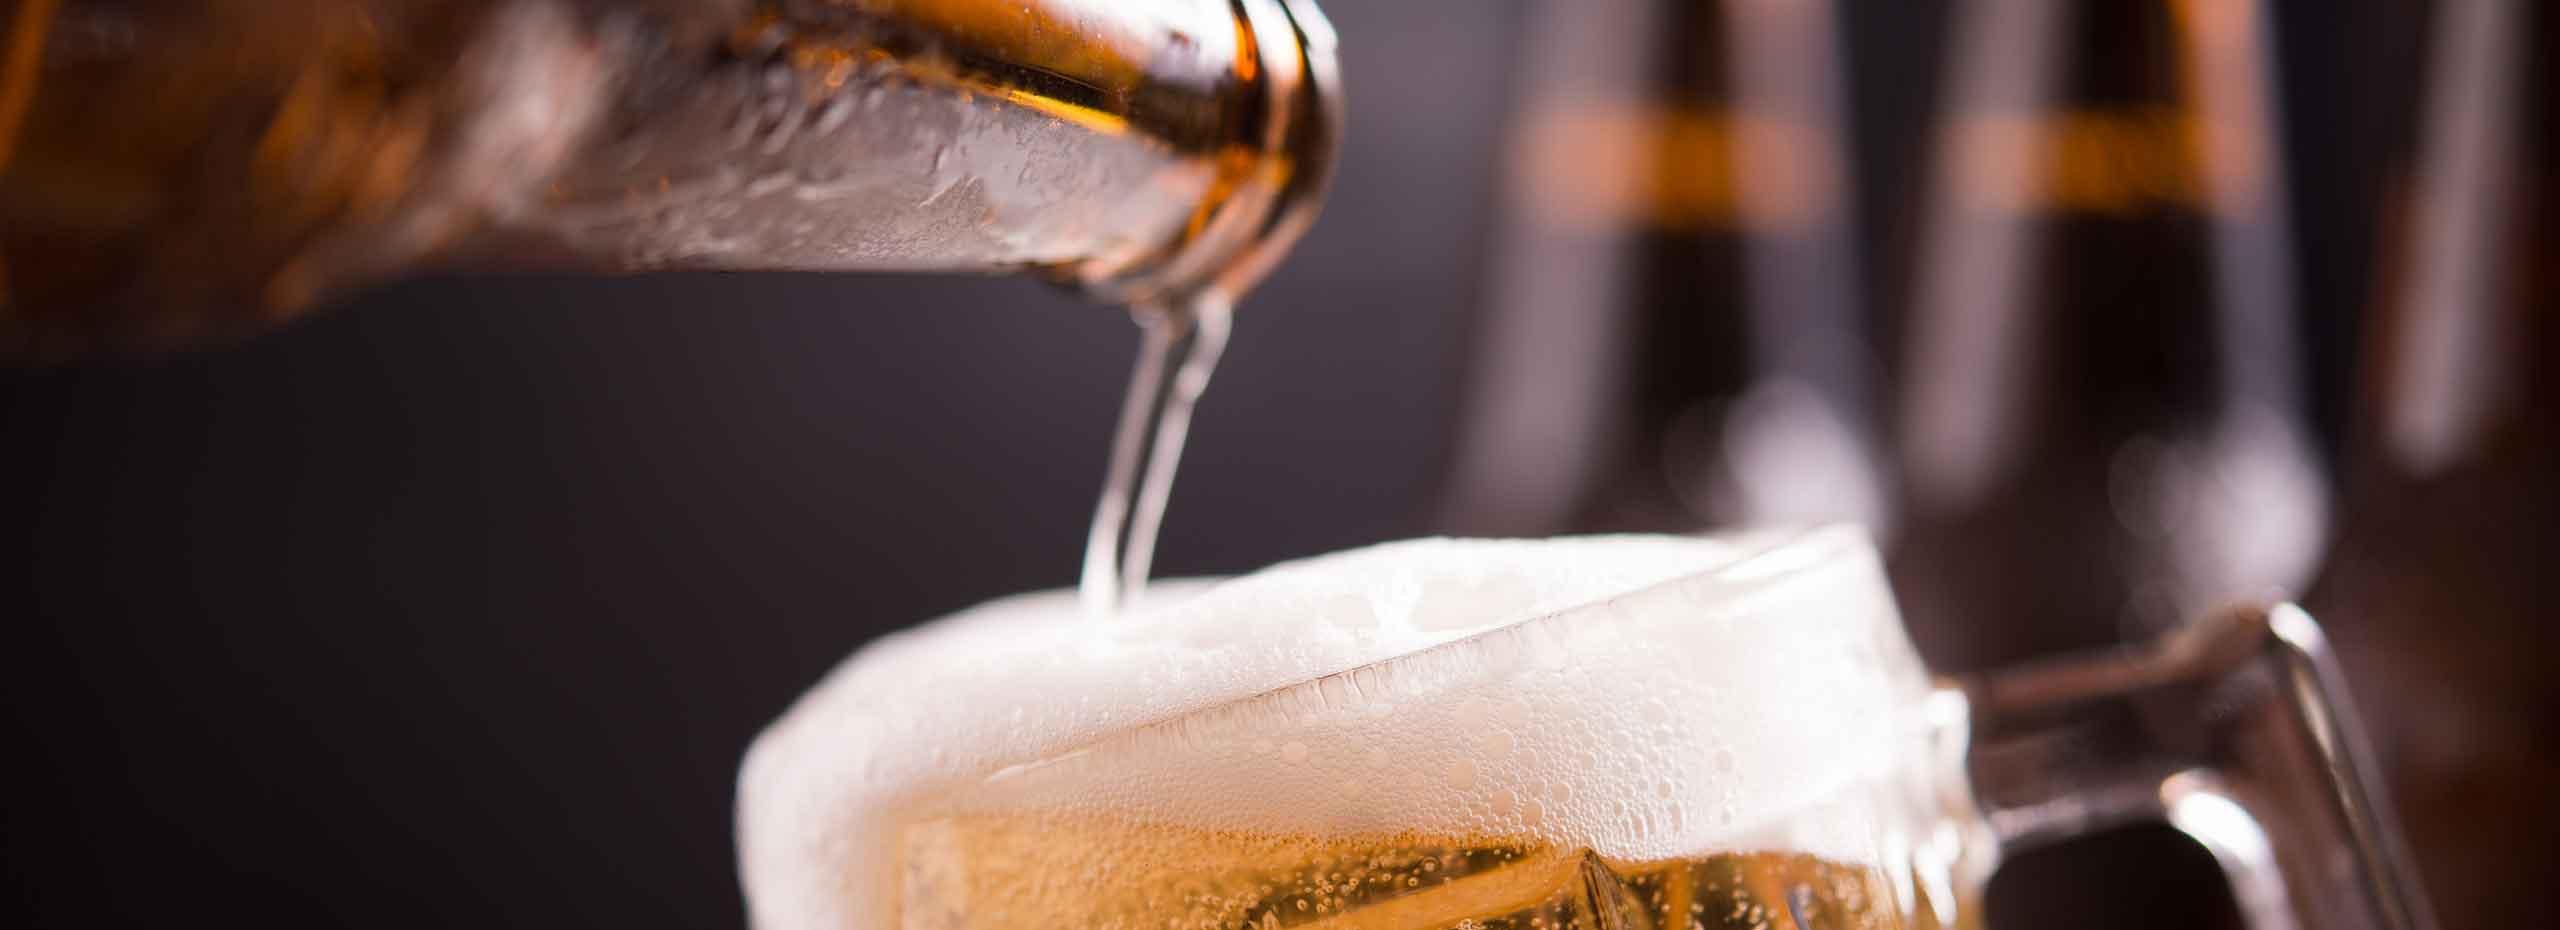 Volume de vendas de cerveja no Brasil é o maior dos últimos seis anos